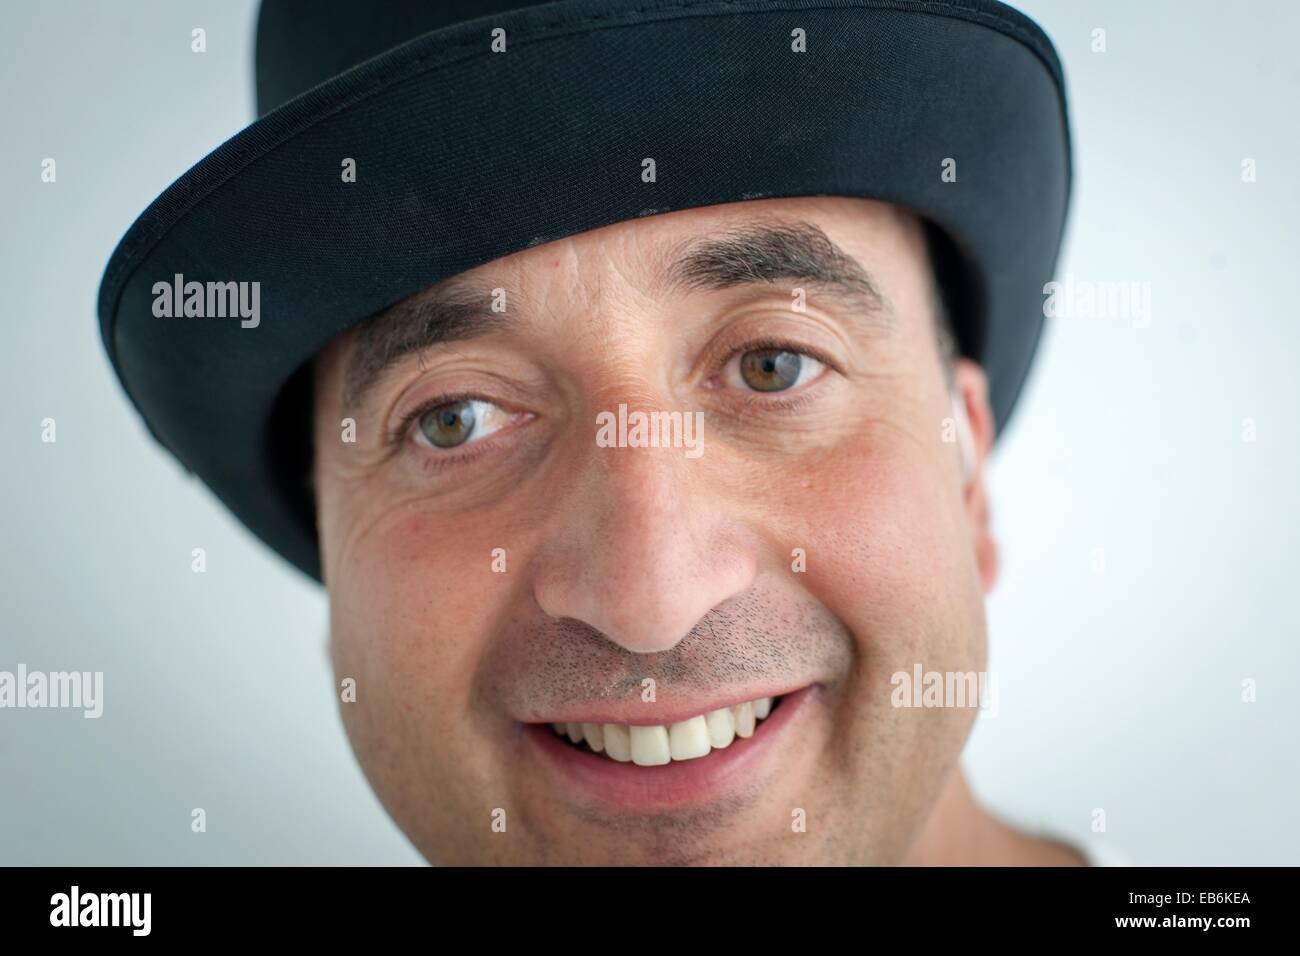 Cara de hombre de mediana edad con sombrero, volto di uomo di mezza età con cappello, Immagini Stock